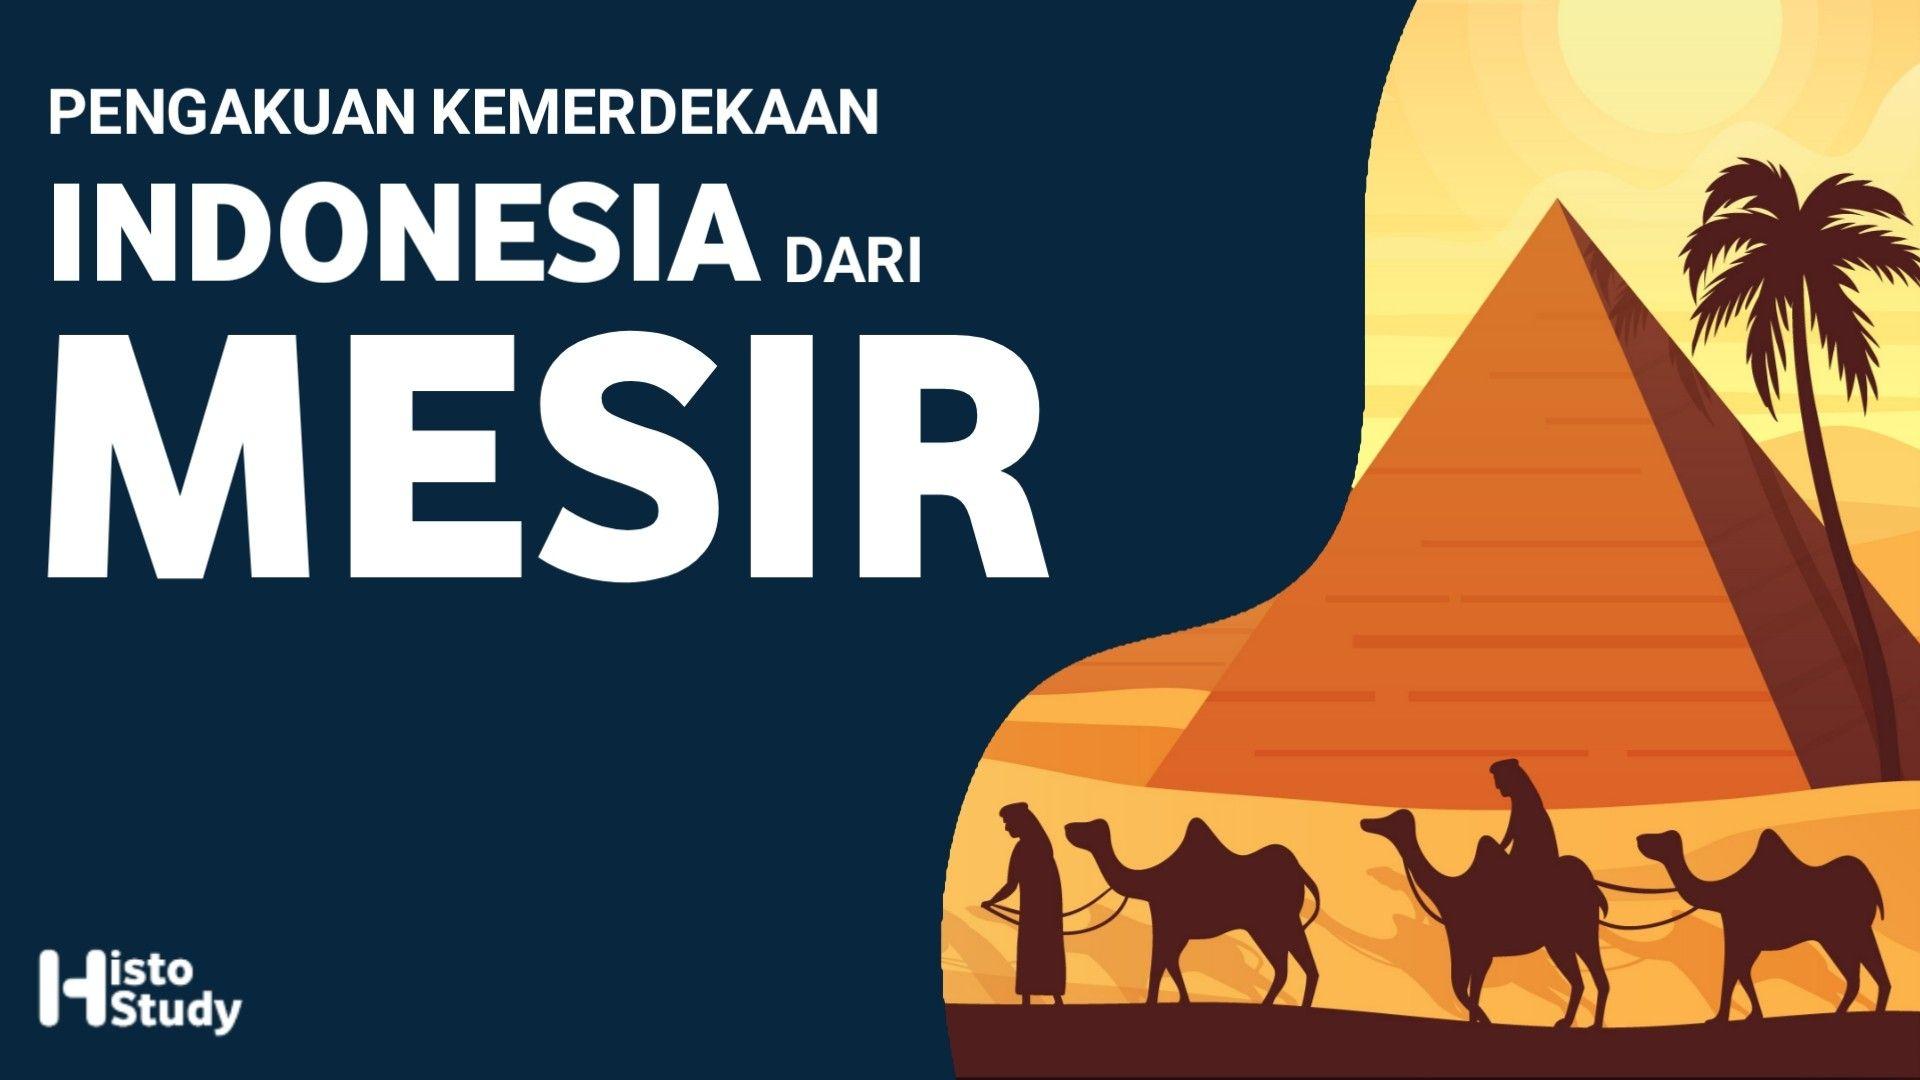 Pengakuan Kemerdekaan Indonesia Dari Mesir Mesir Indonesia Kairo